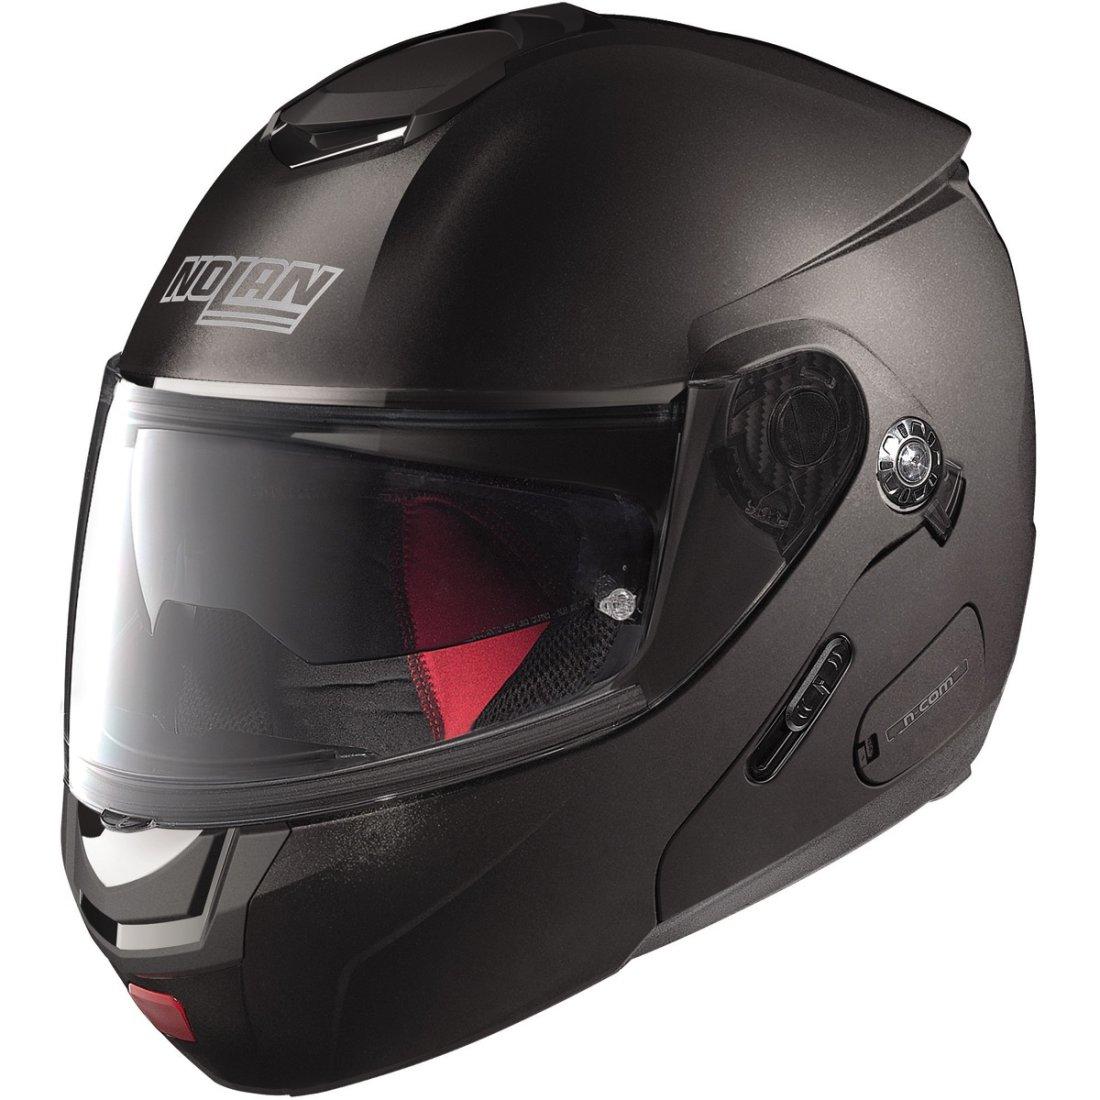 Casco NOLAN N90-2 Special N-Com Black Graphite · Motocard caa0ab4e1e9